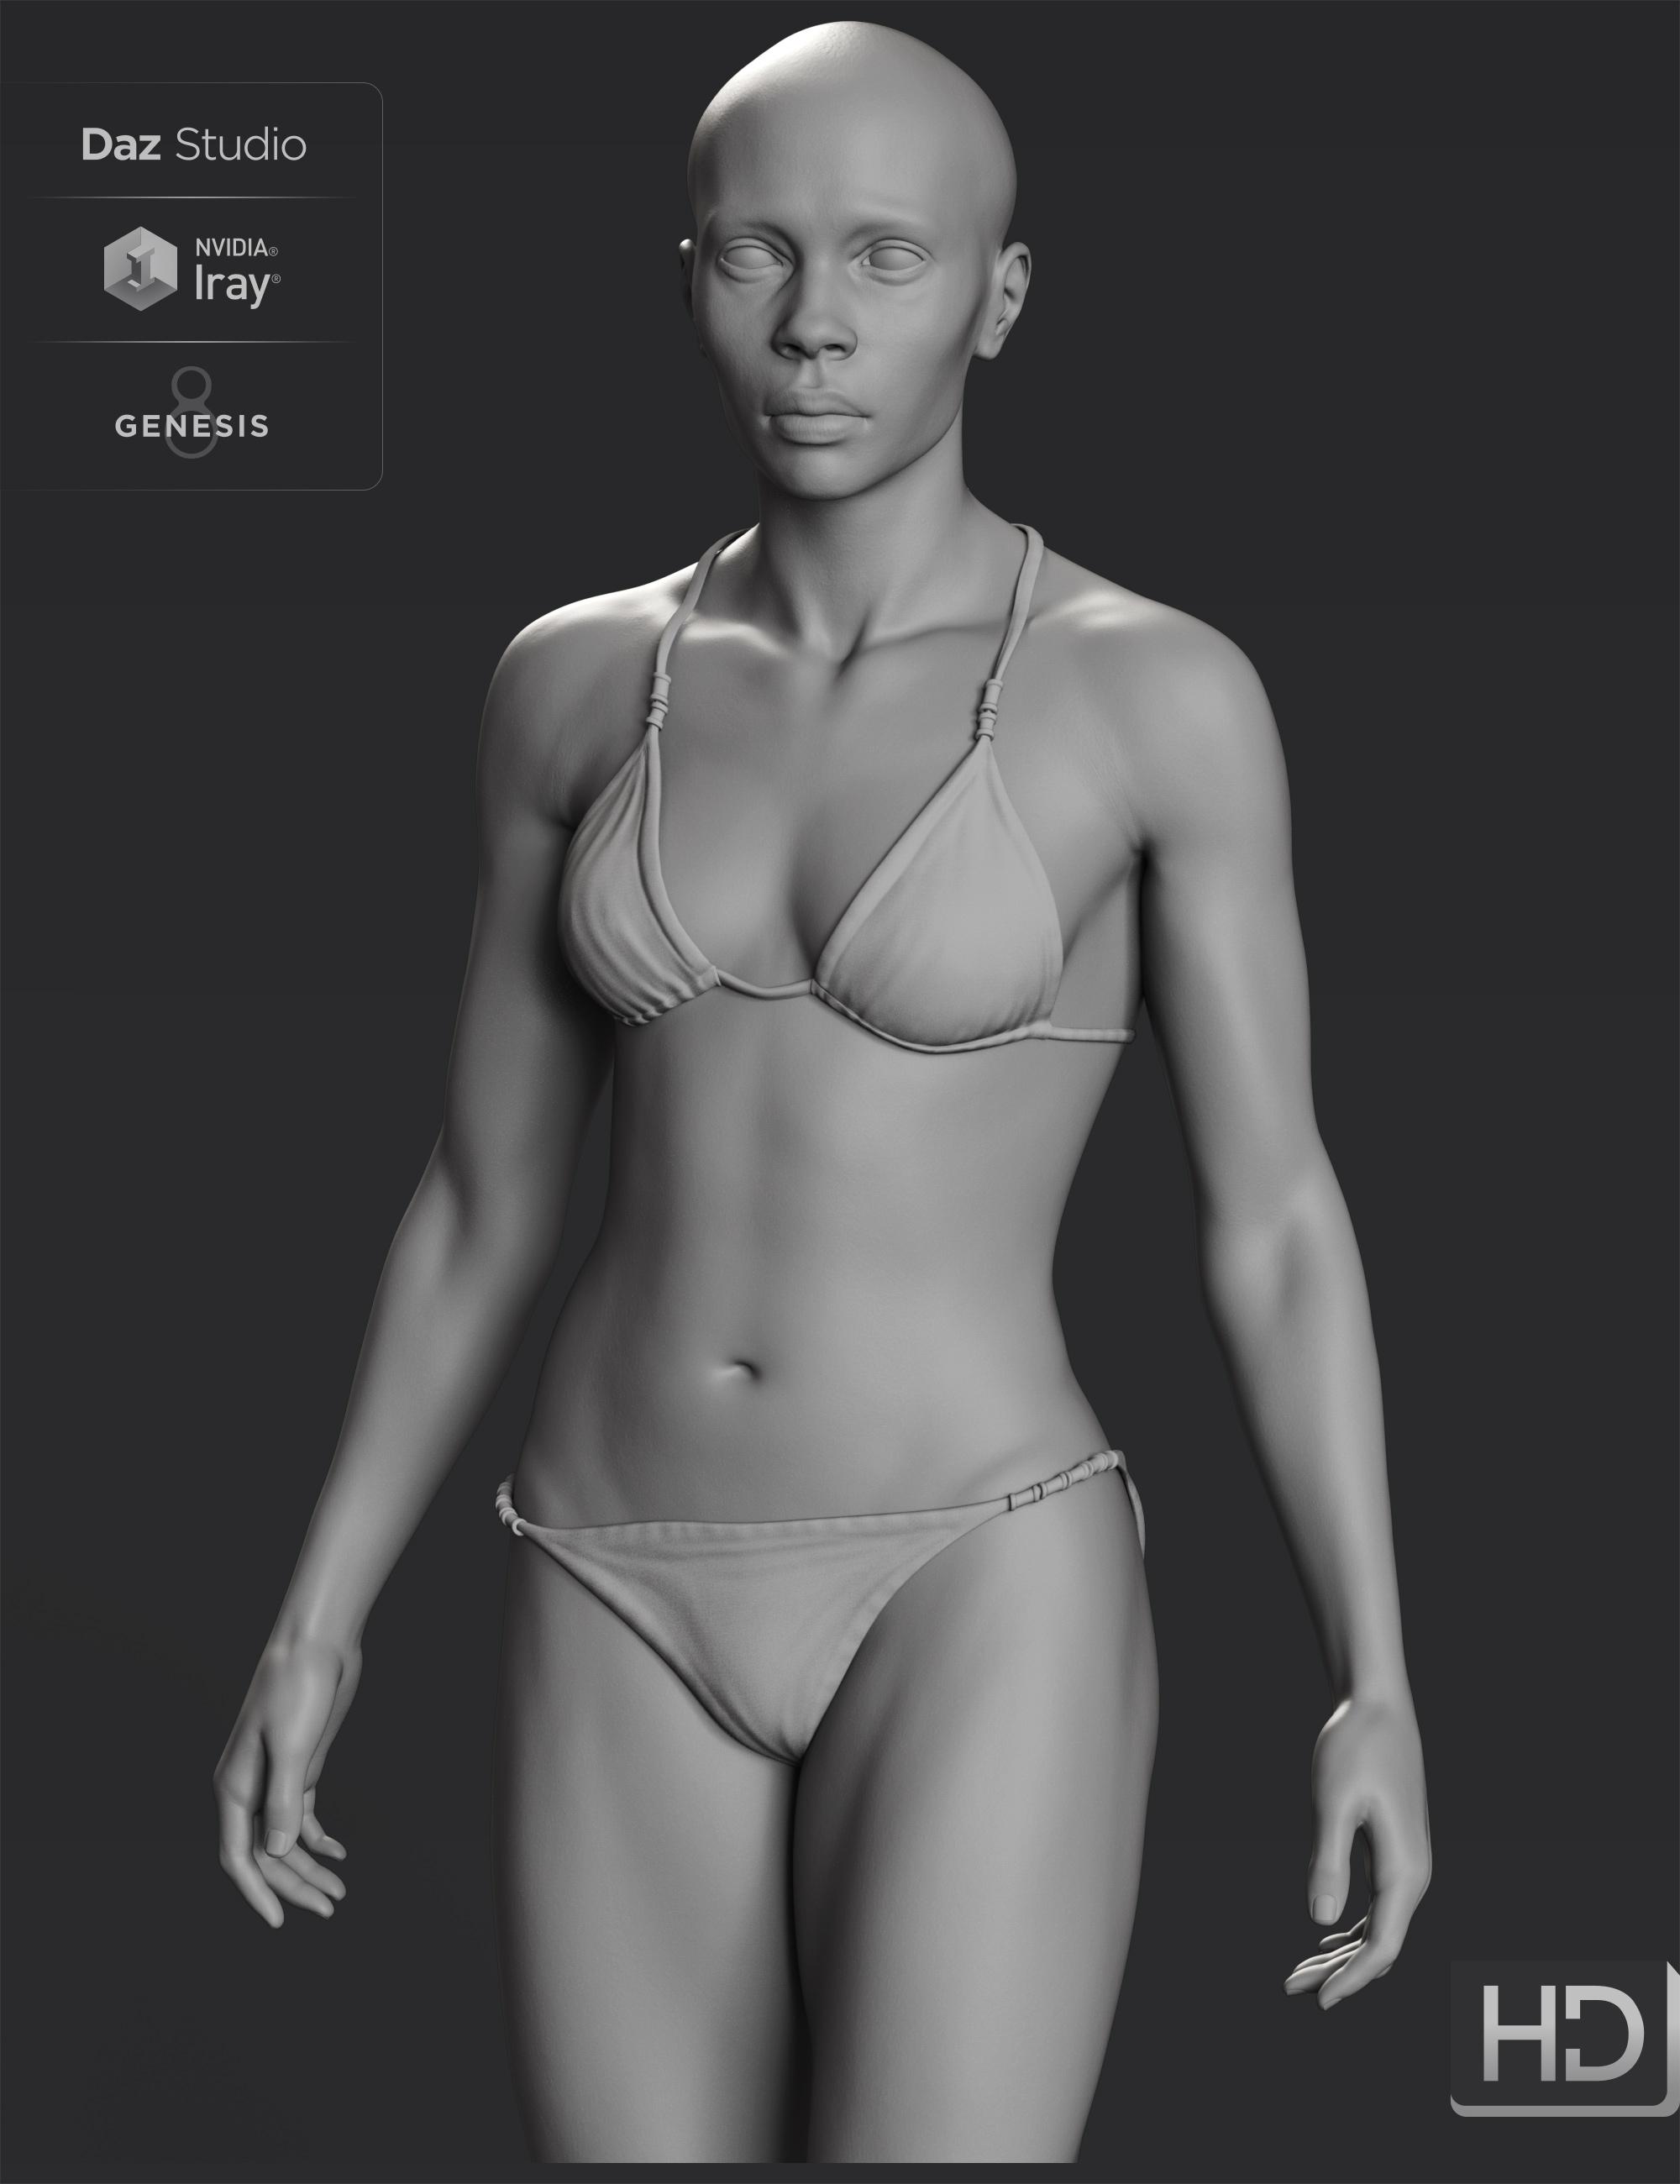 Jinx Jones 8.1 HD Add-On by: , 3D Models by Daz 3D